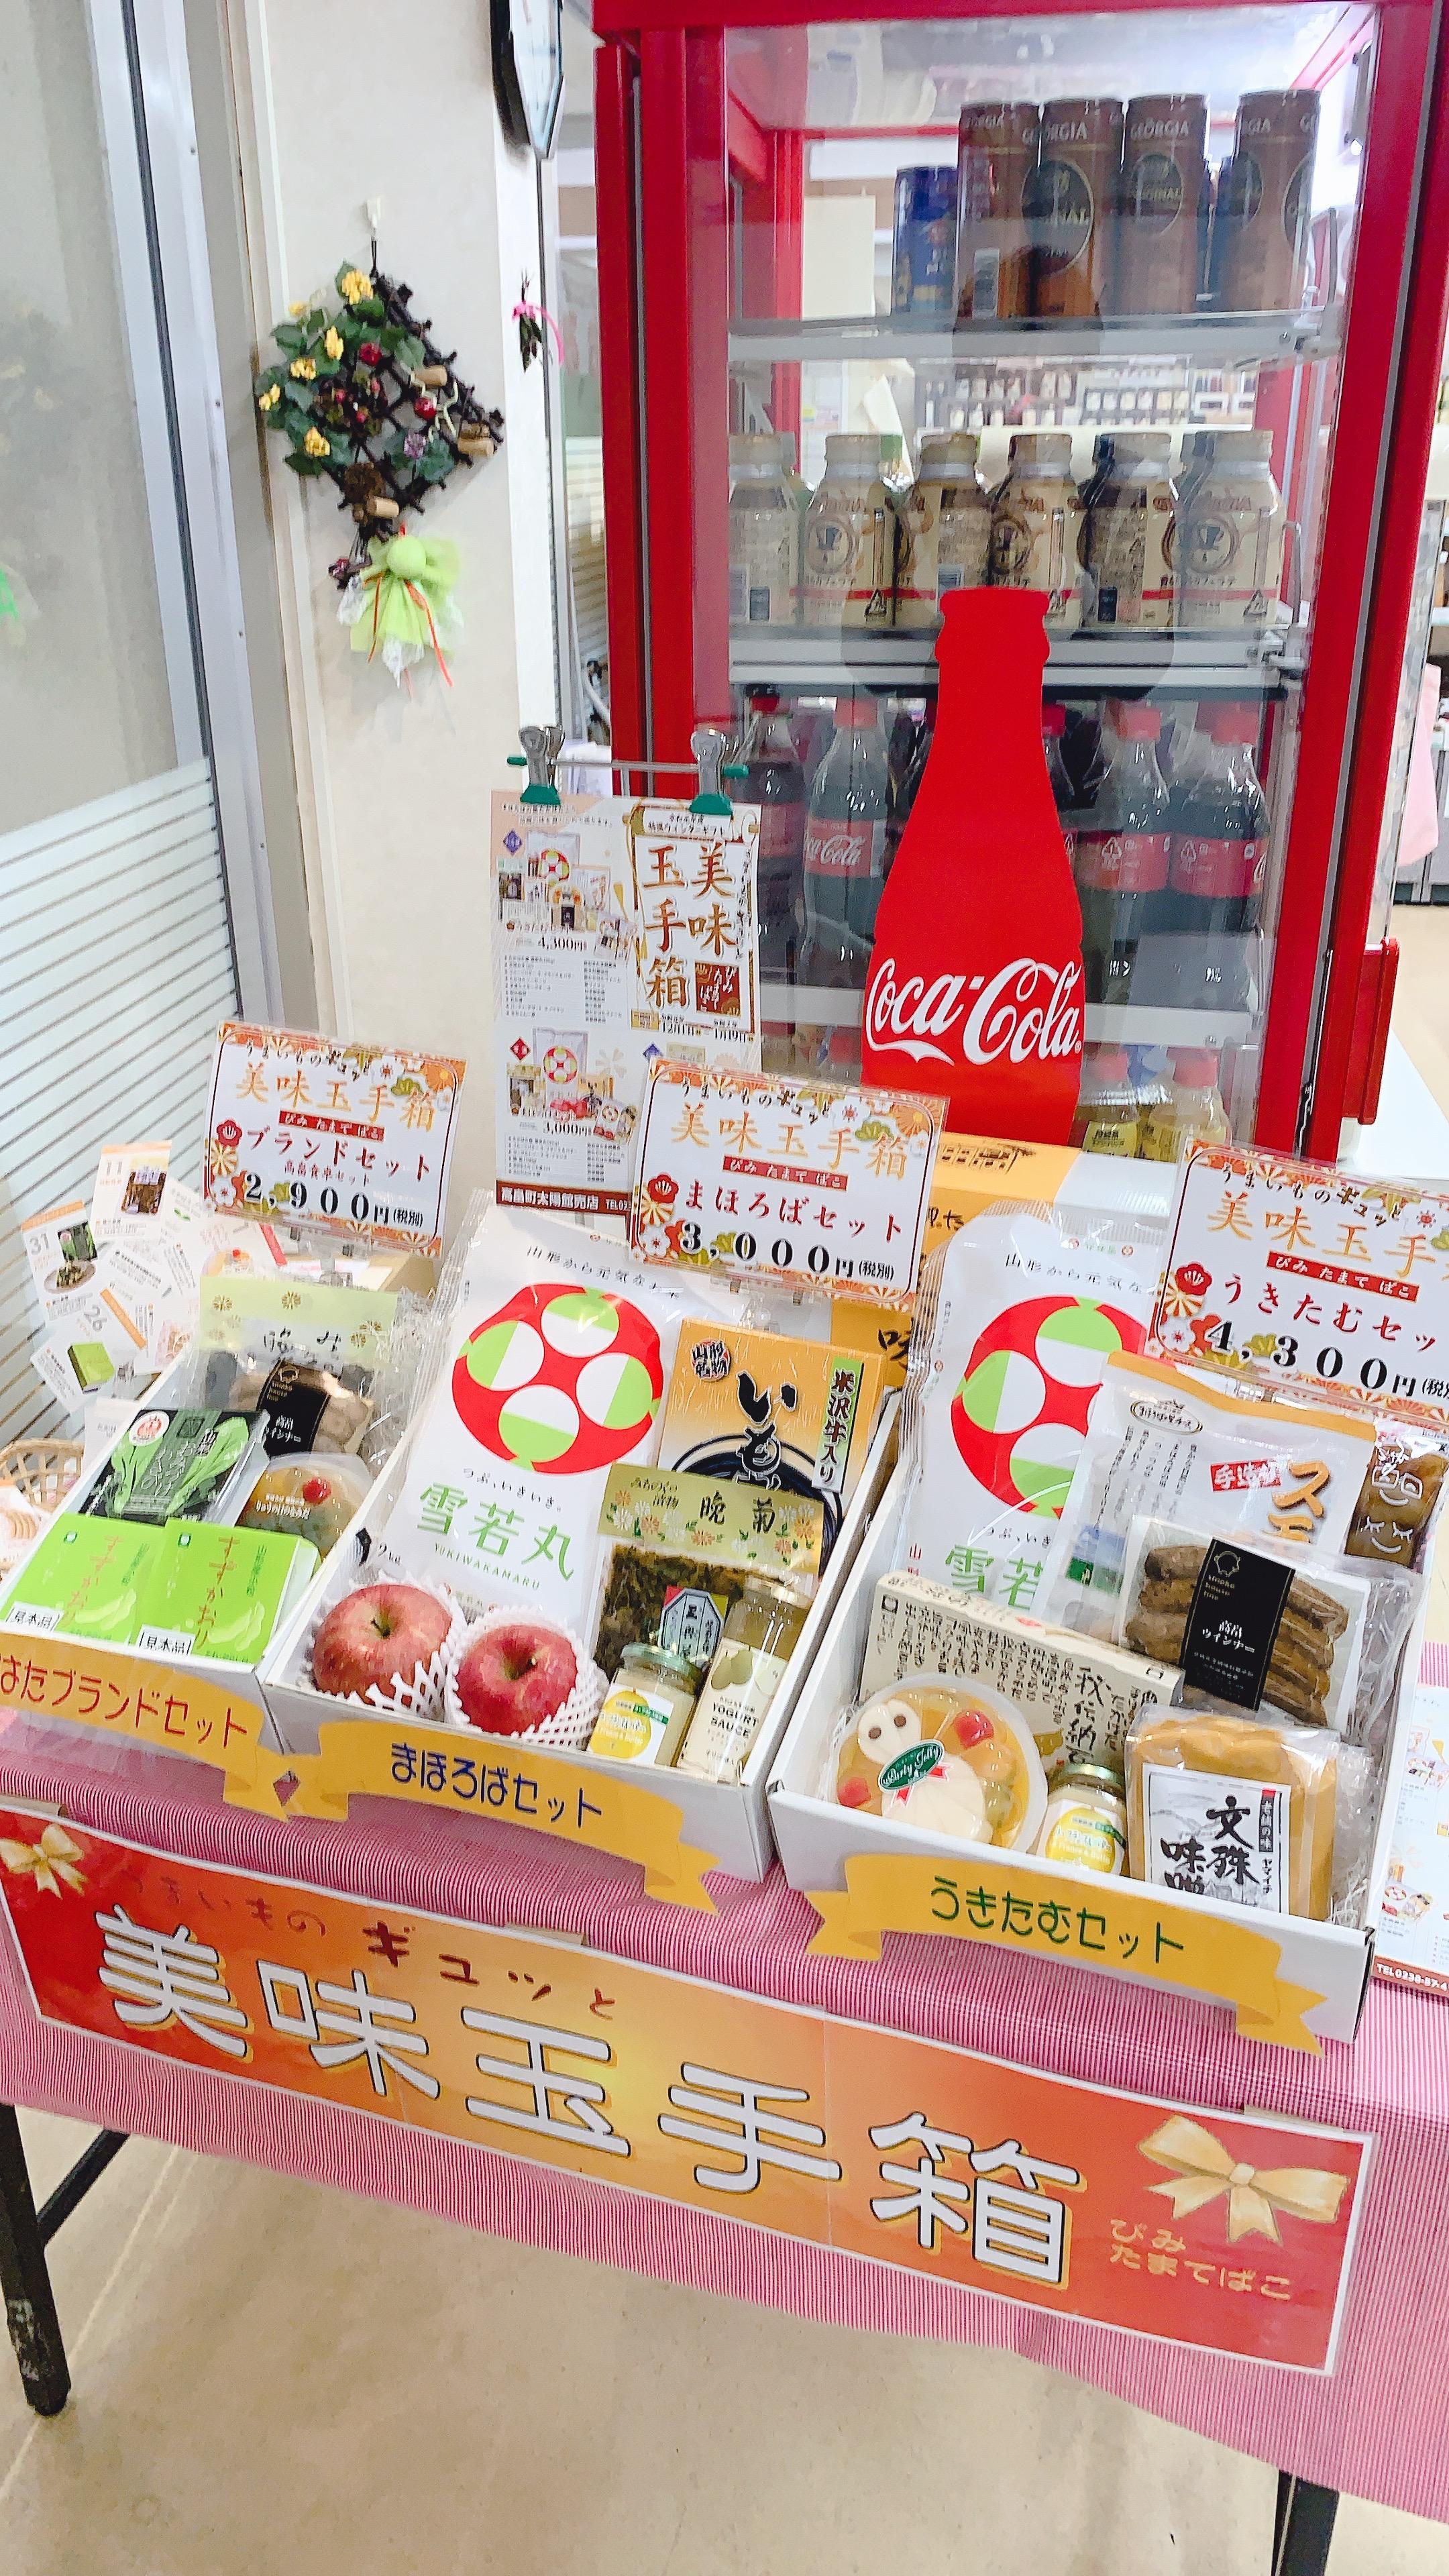 令和元年度 たかはた冬ギフト 『美味玉手箱』販売開始!